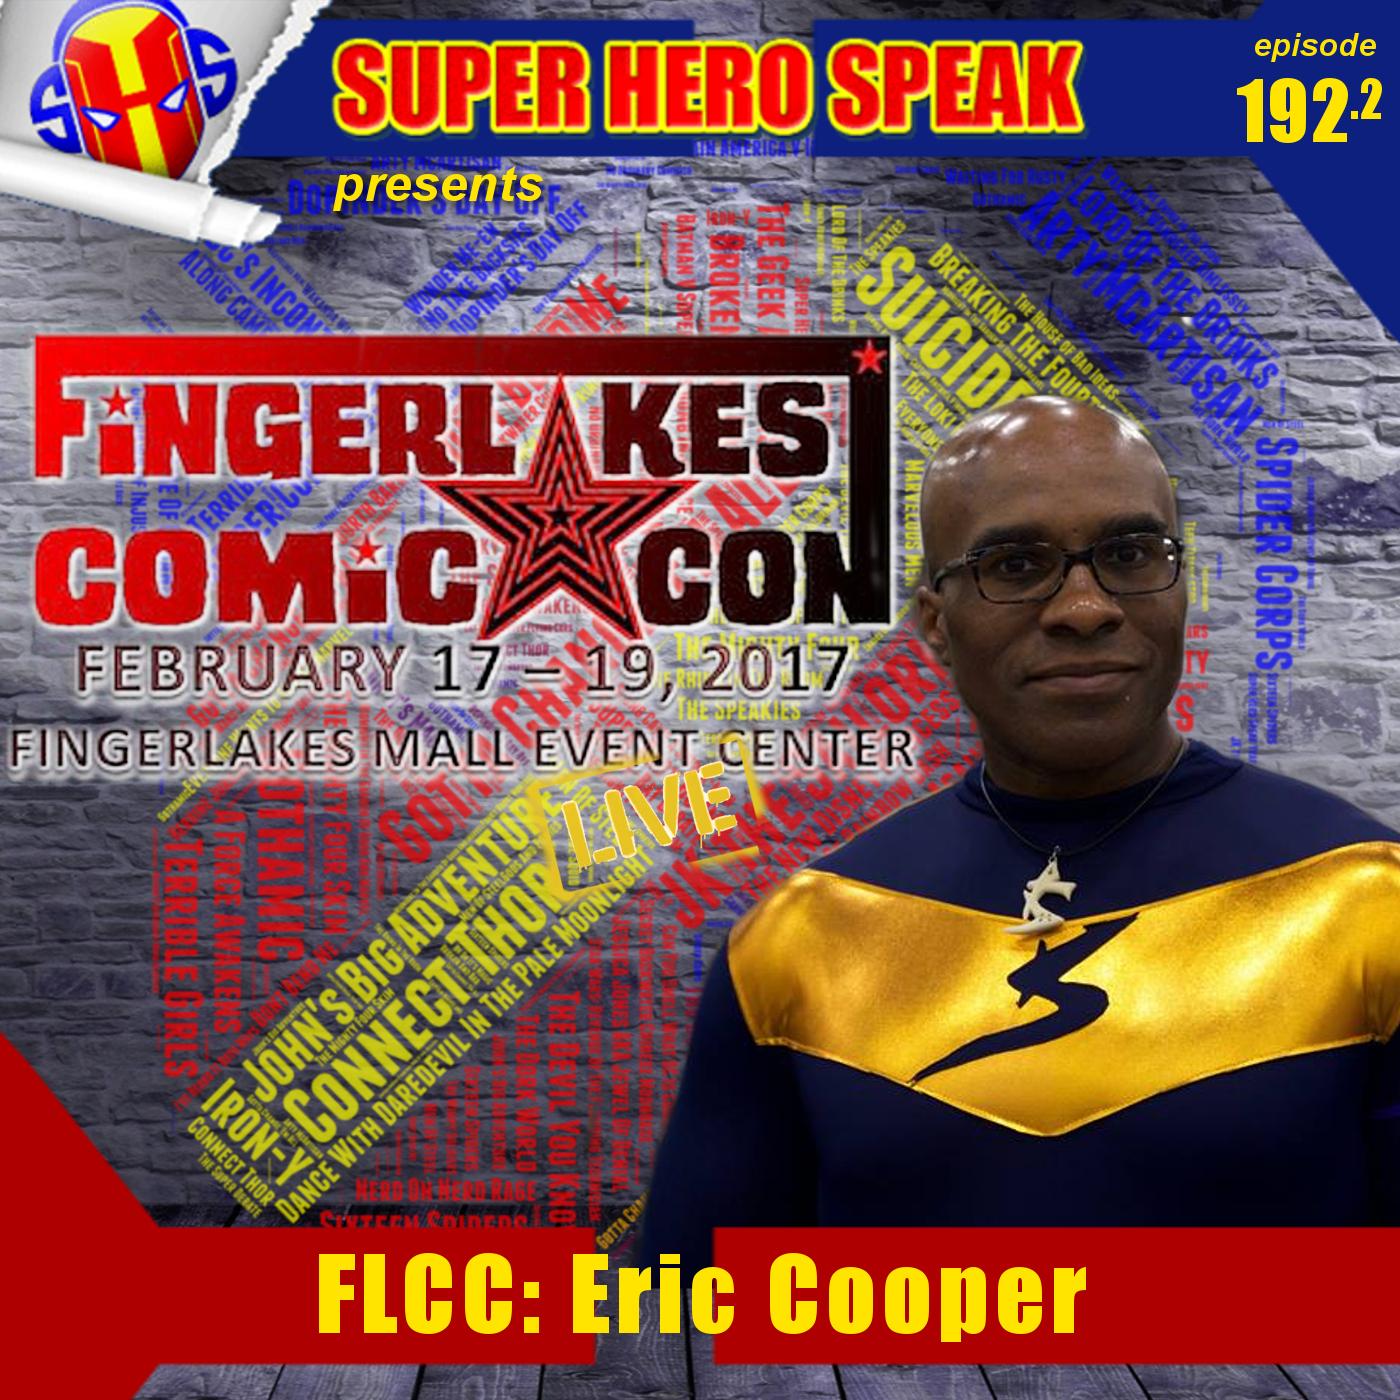 #192.2: FLCC Eric Cooper